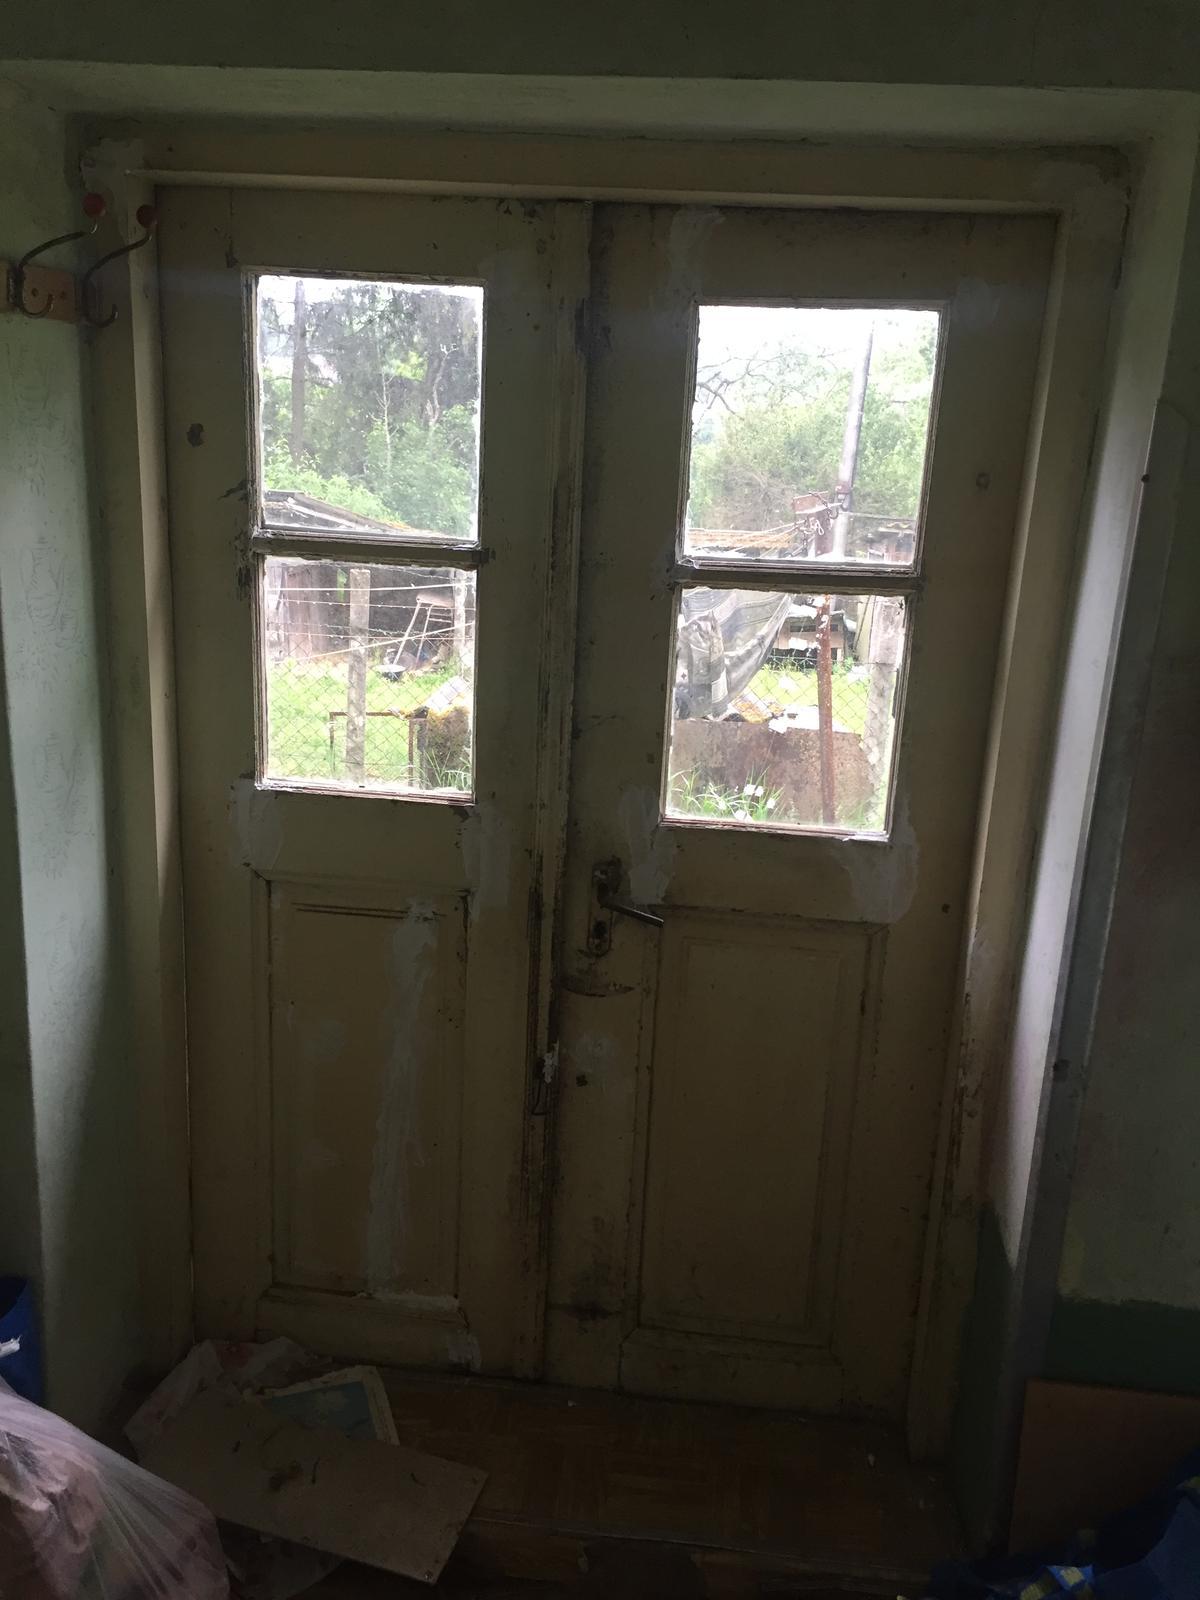 Perníková chalúpka - tretie dvere z verandy - tieto som prehlasila za hlavne a budu sa pouzivat, zvysne dvoje budu plnit len dekoracnu funkciu ;)